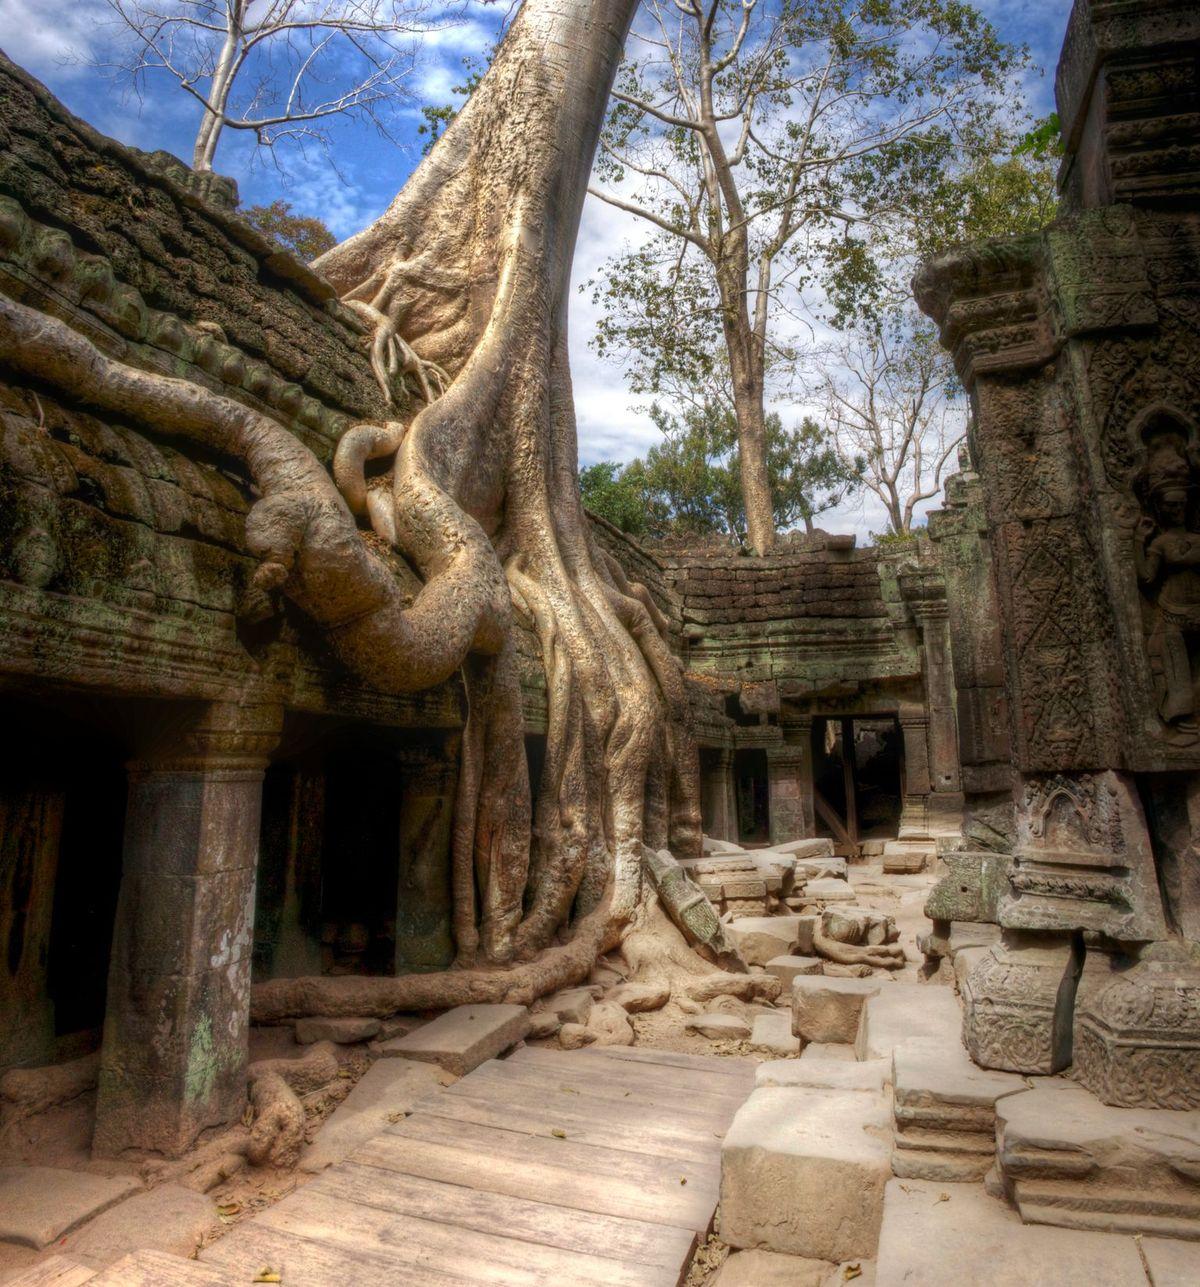 beng tree at tomb raider temple